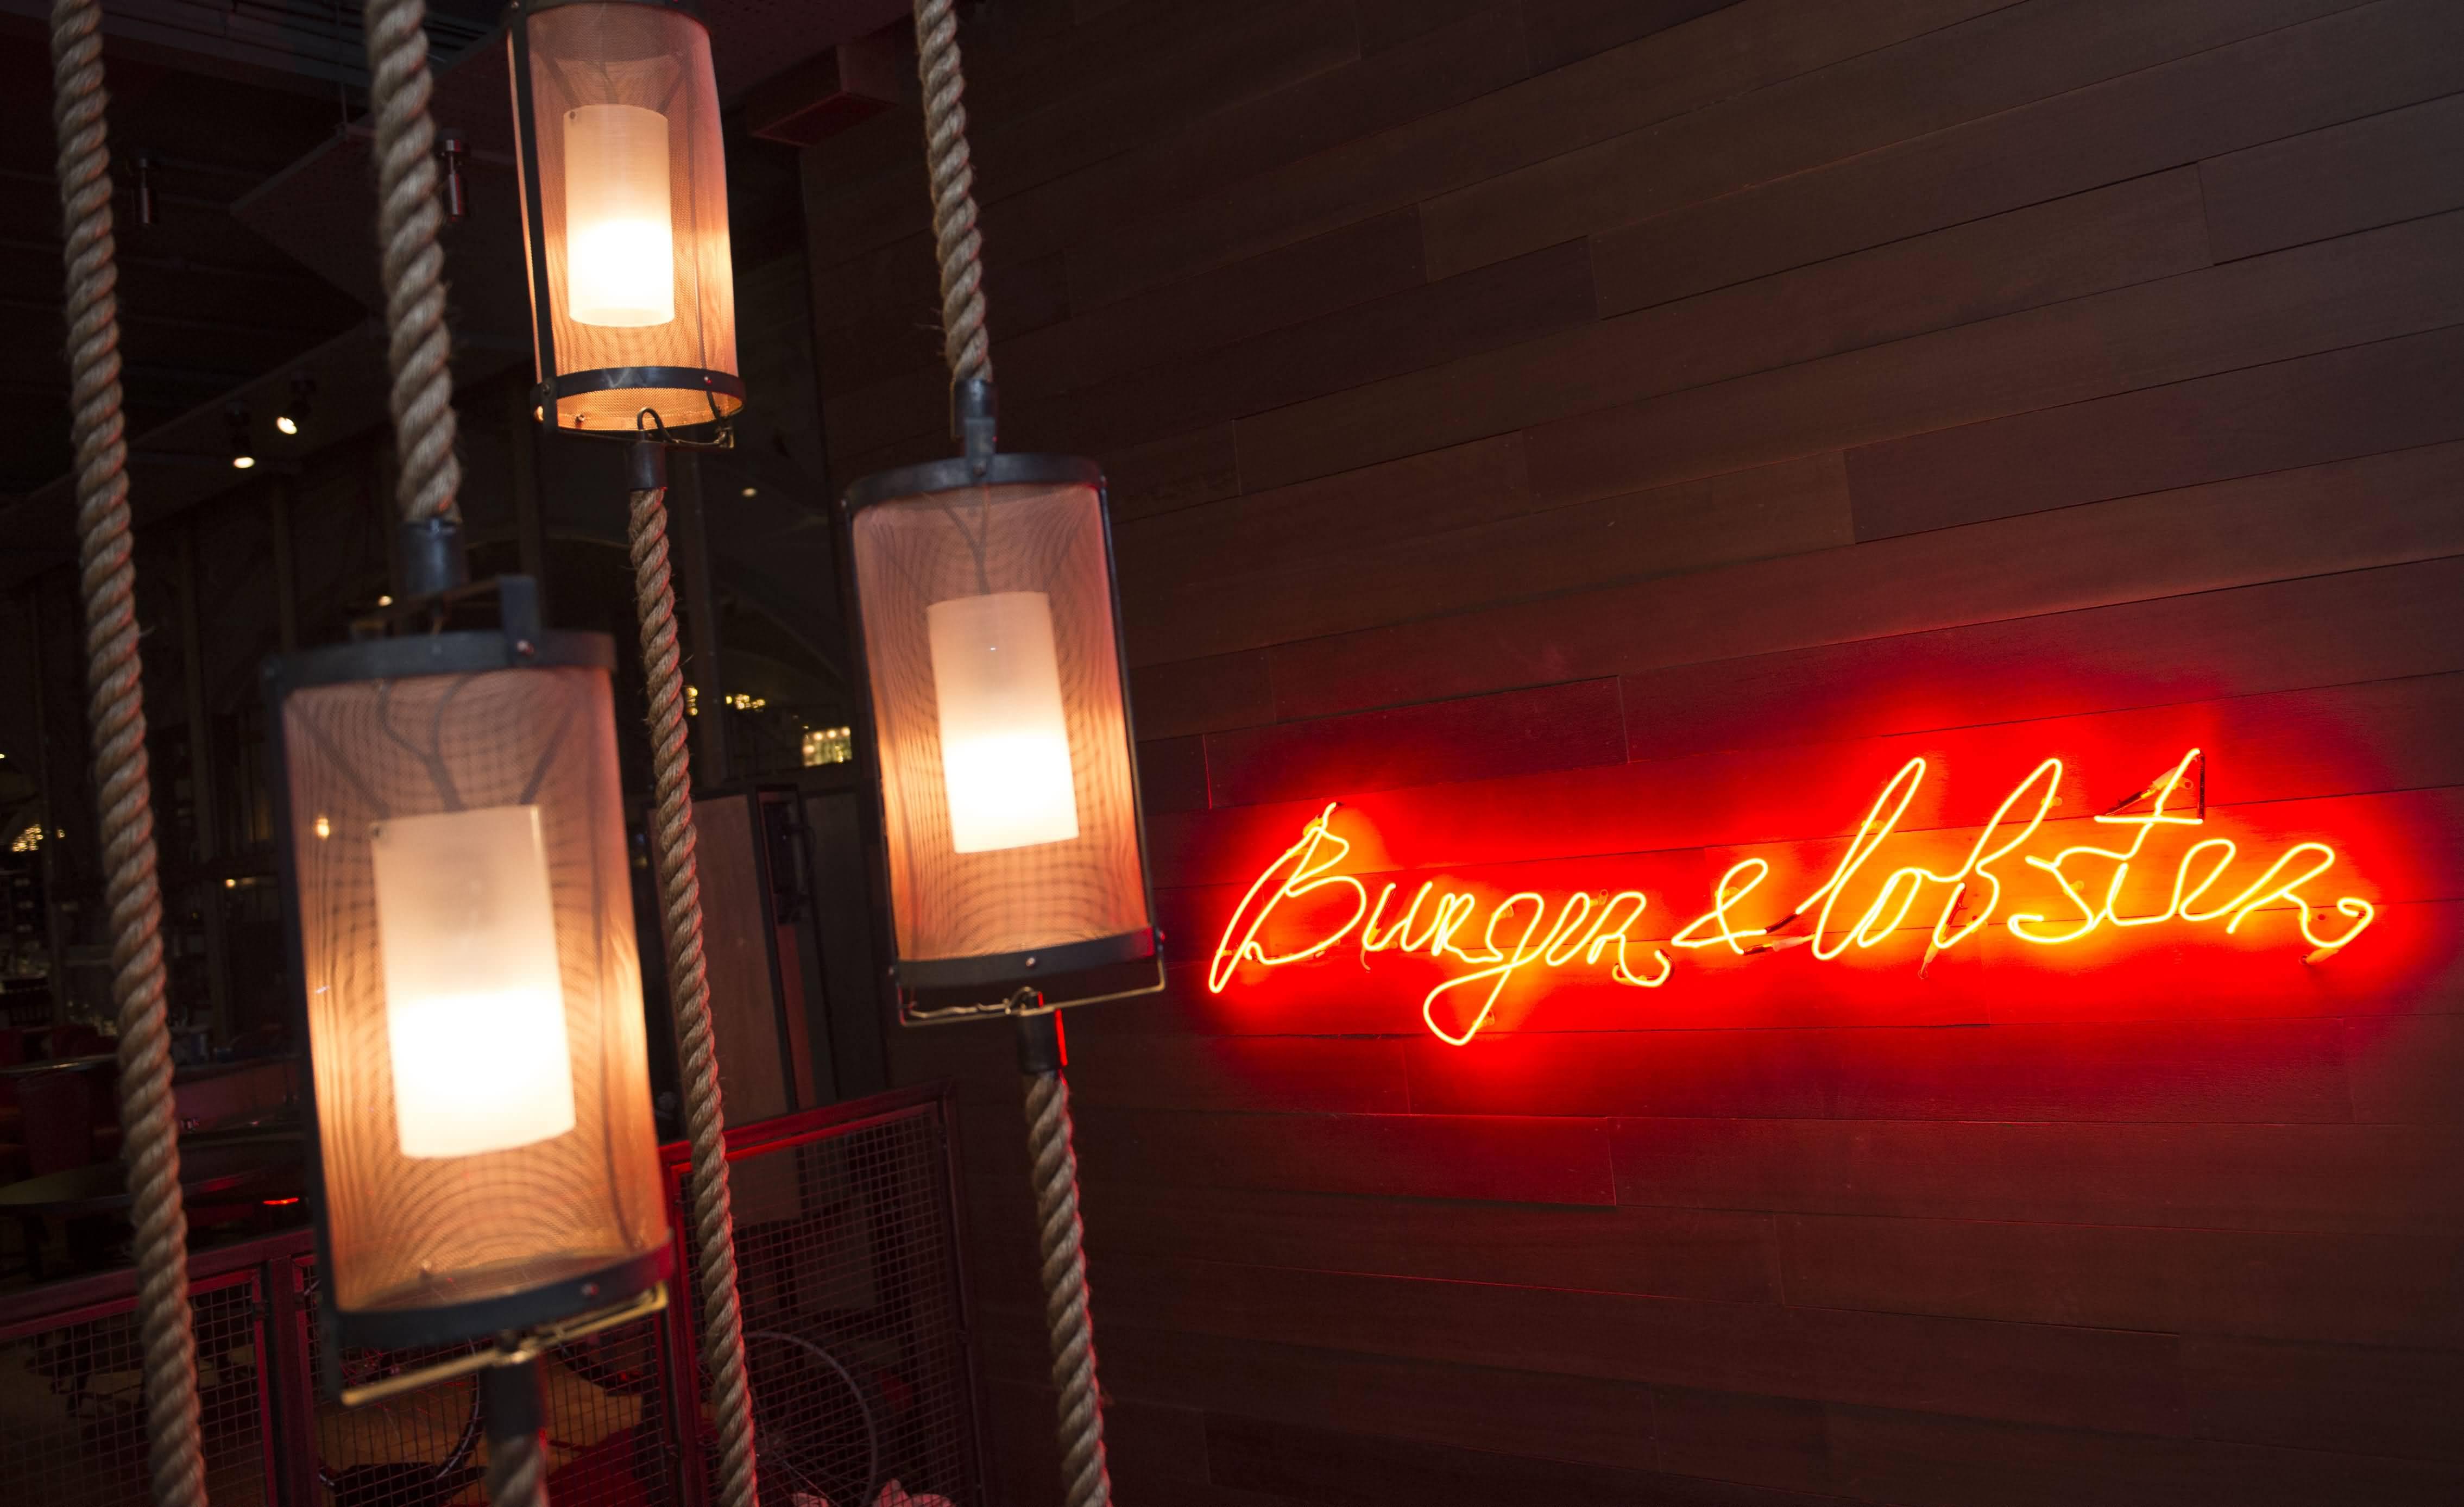 مطعم برجر آند لوبستر يفتح أبوابه في دبي